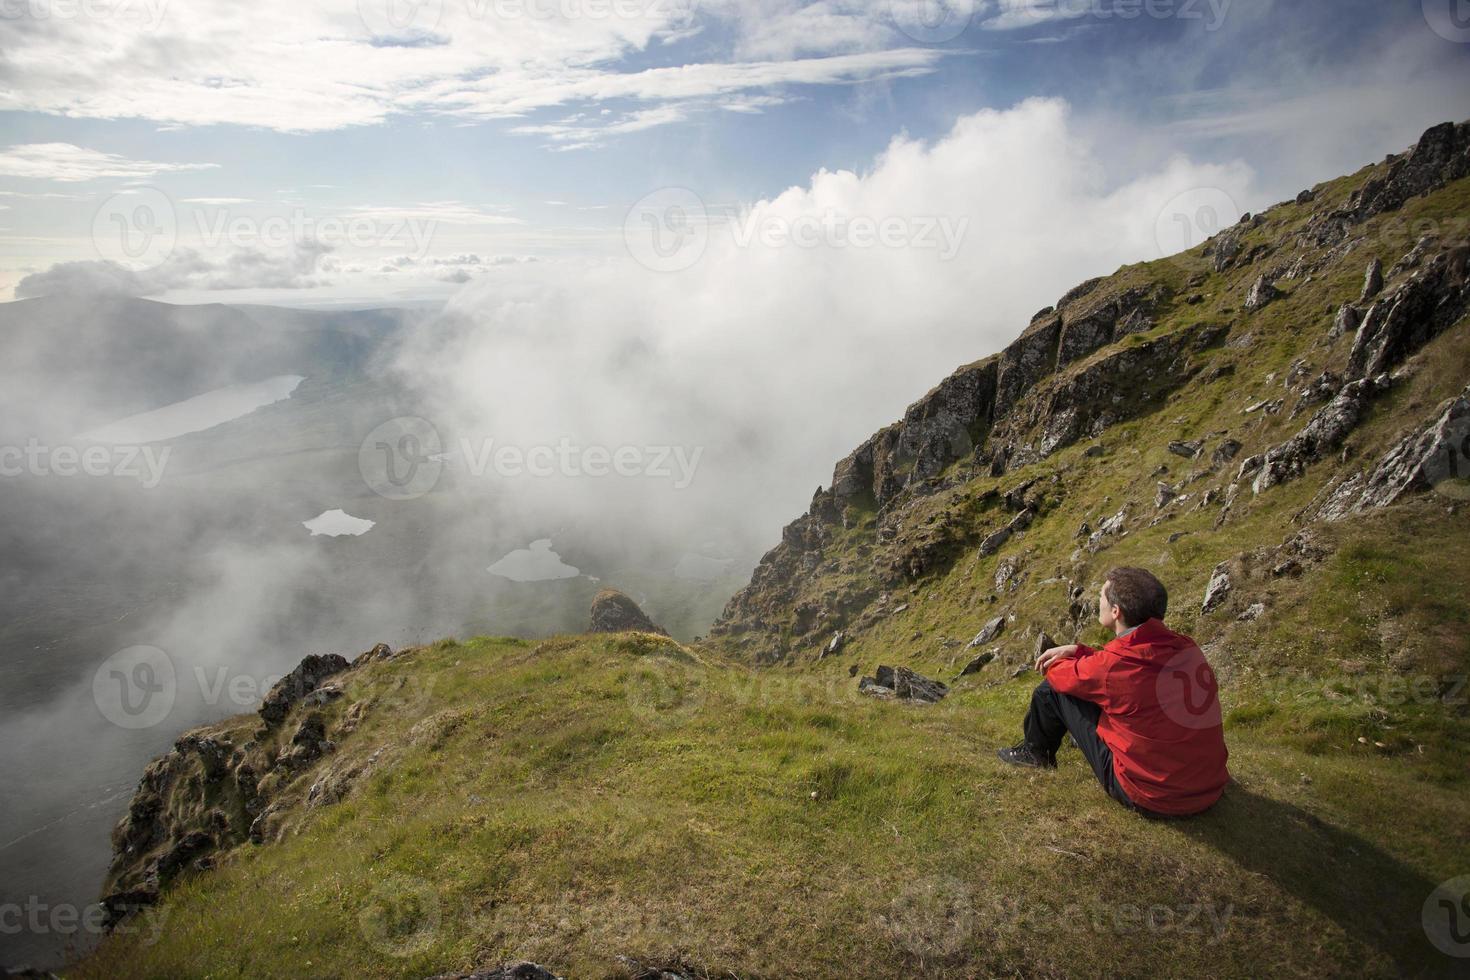 wandelaar met uitzicht op uitzicht vanaf bergtop foto